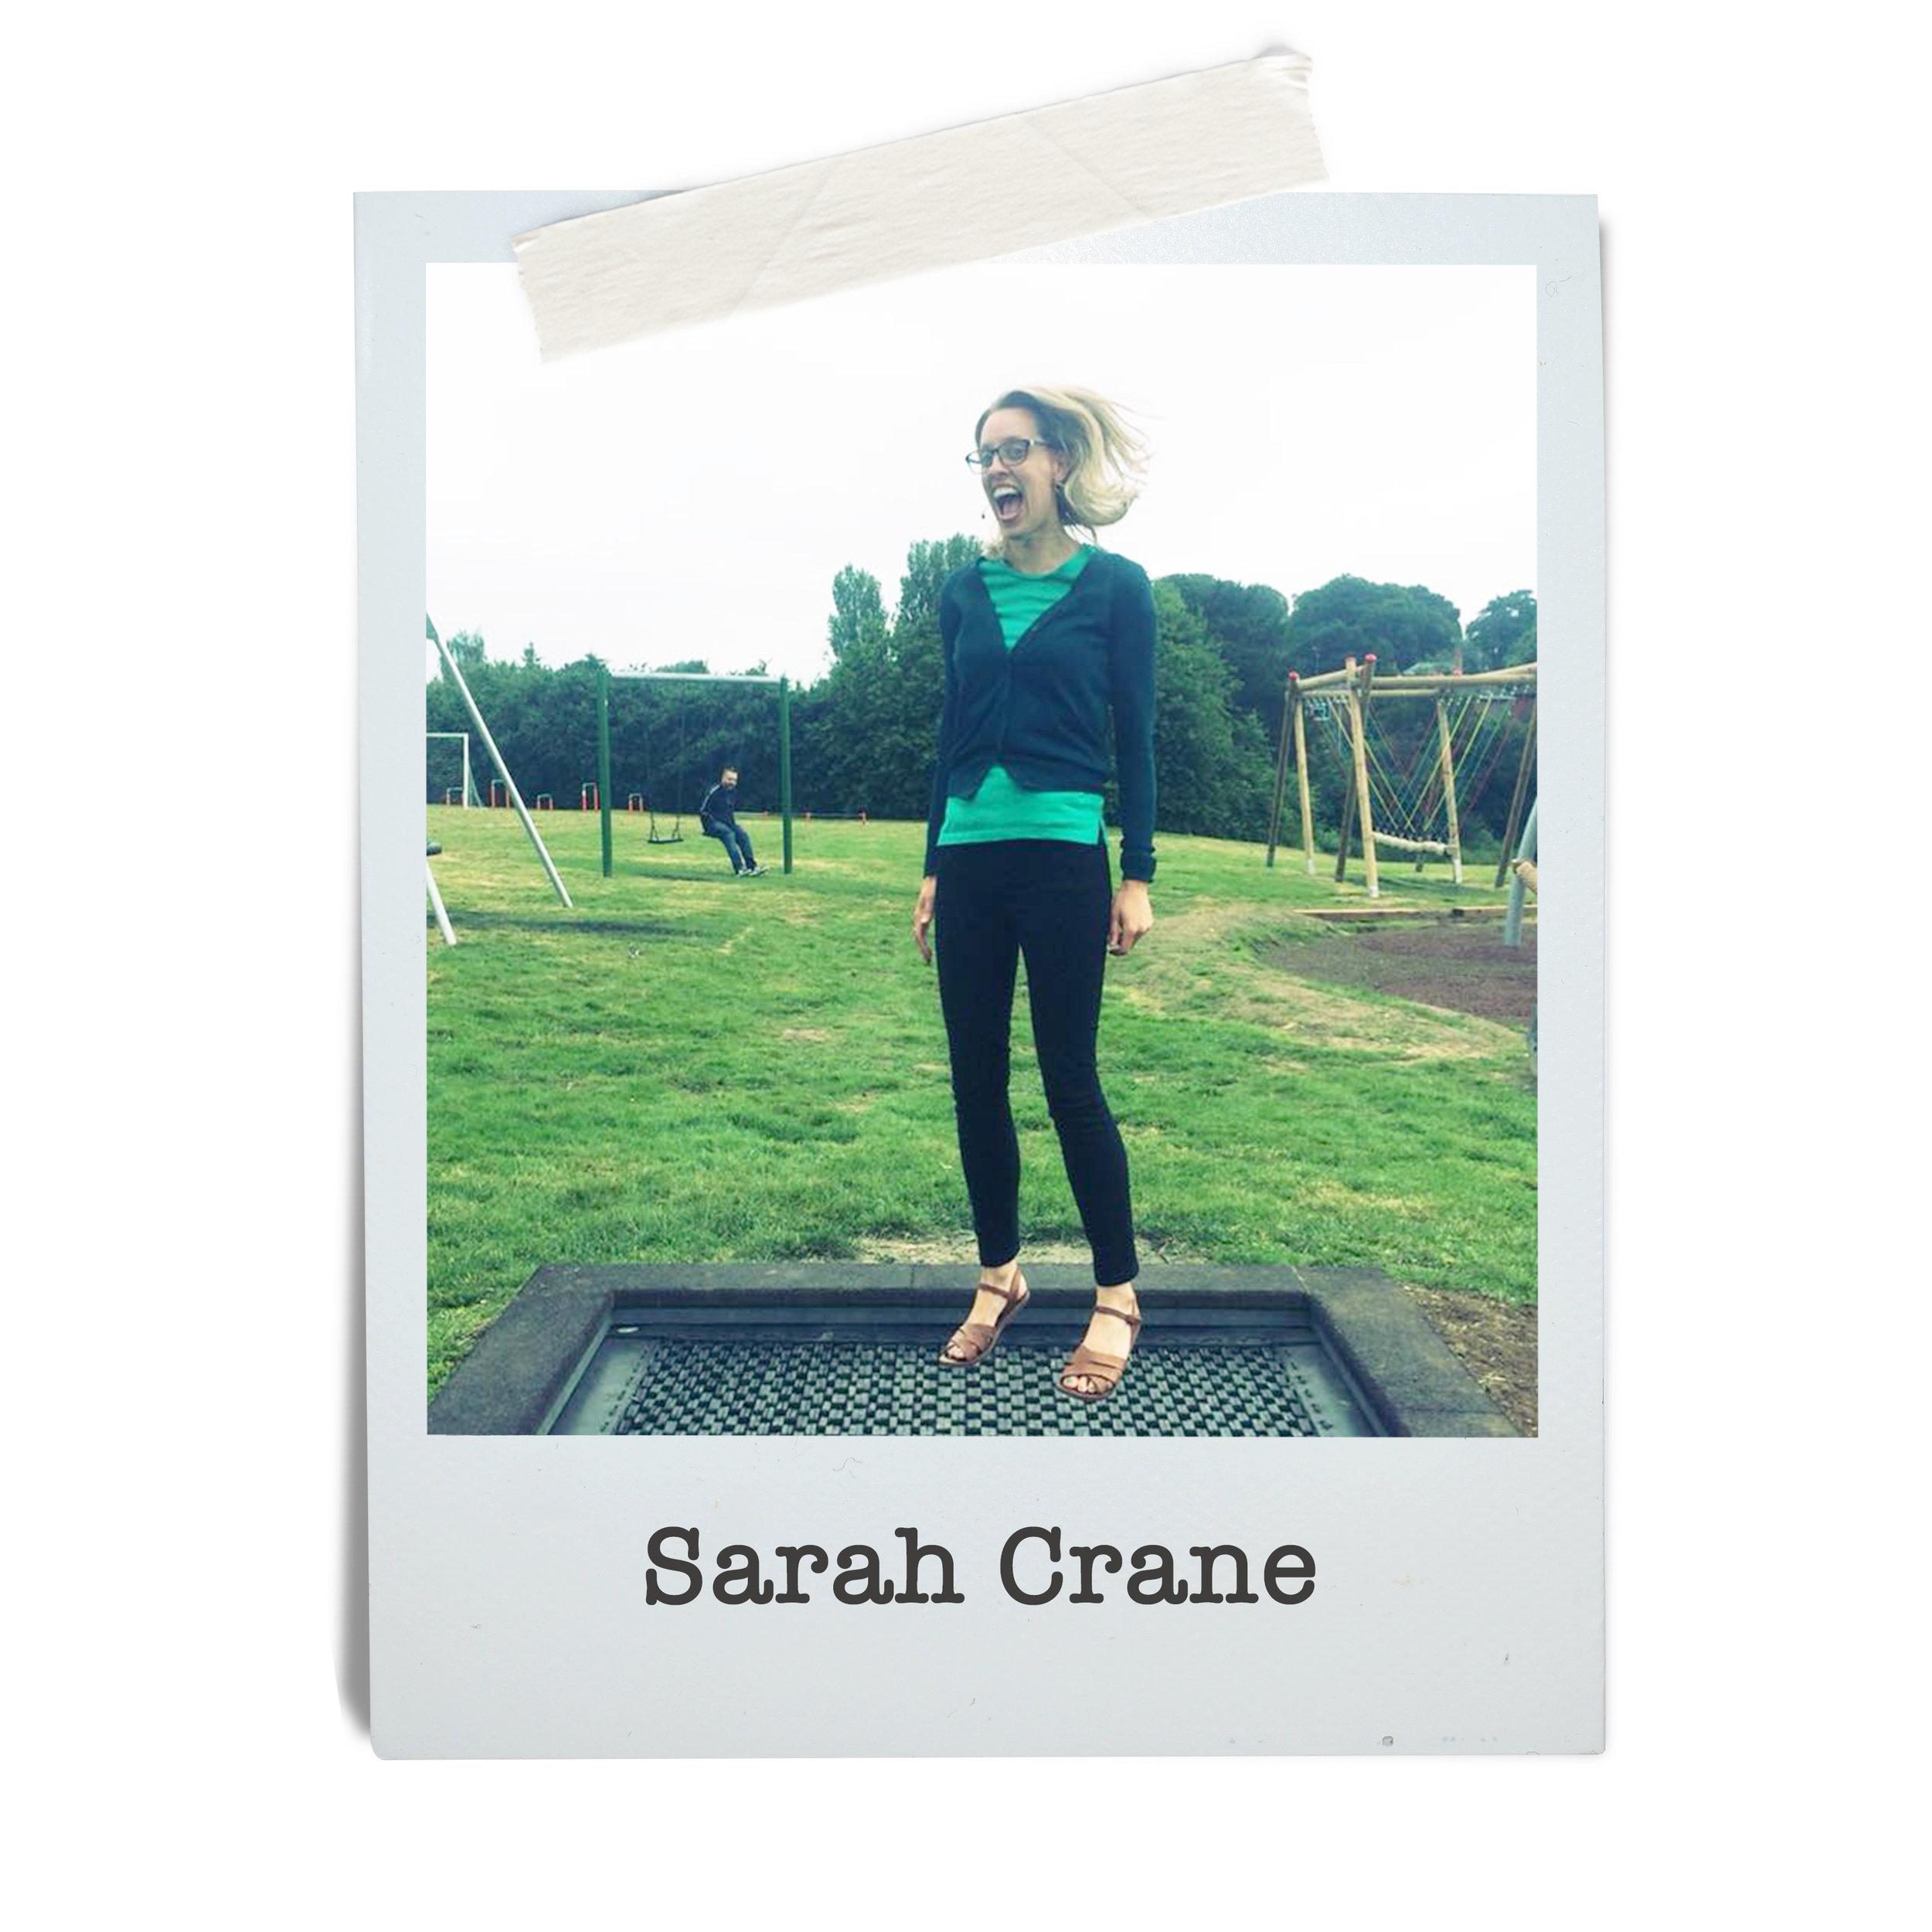 Sarah Crane